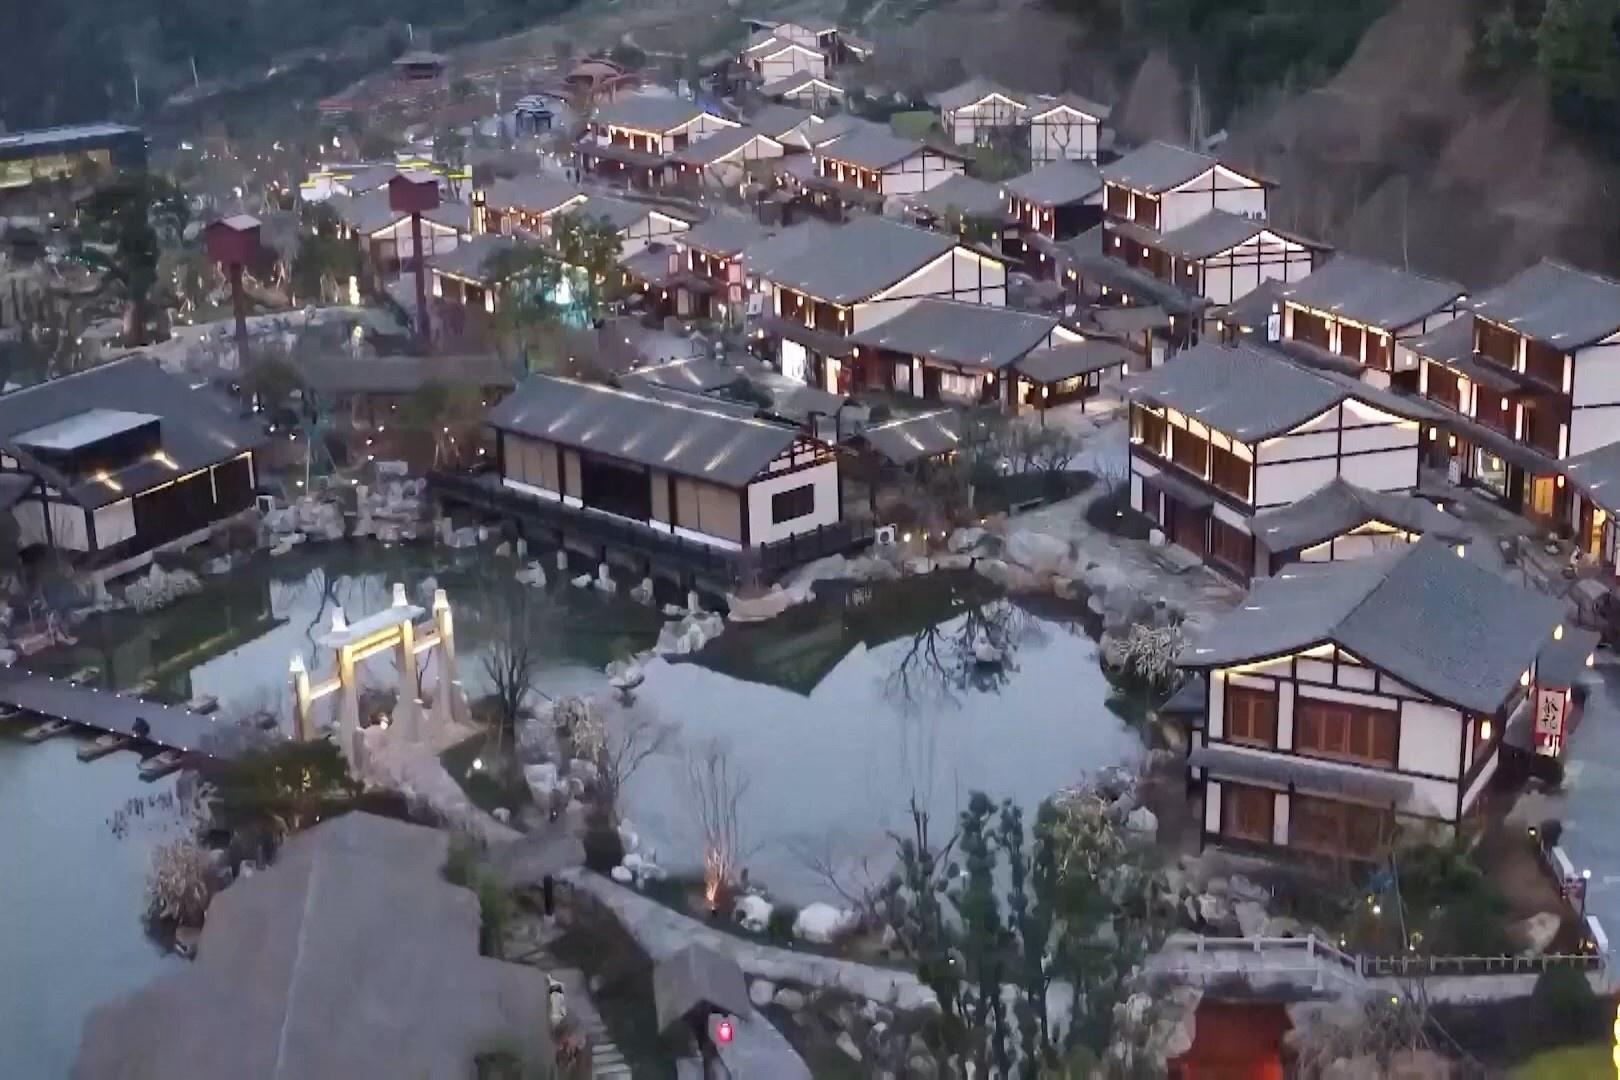 Khu làng quê bừng sáng ánh đèn đón Tết ở Trung Quốc